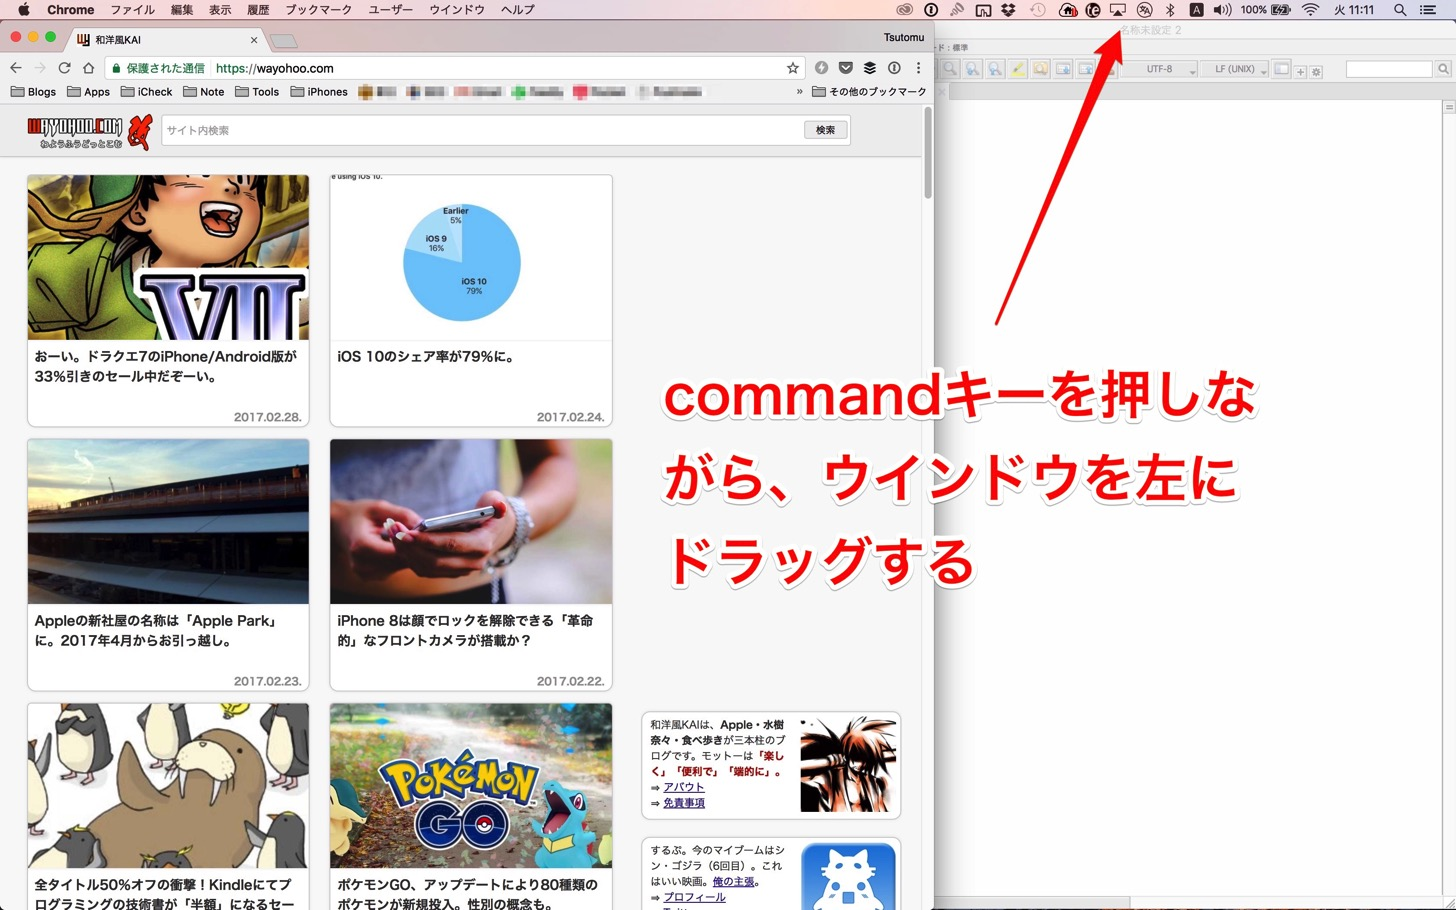 commandキーを押しながらウインドウを左にドラッグする。